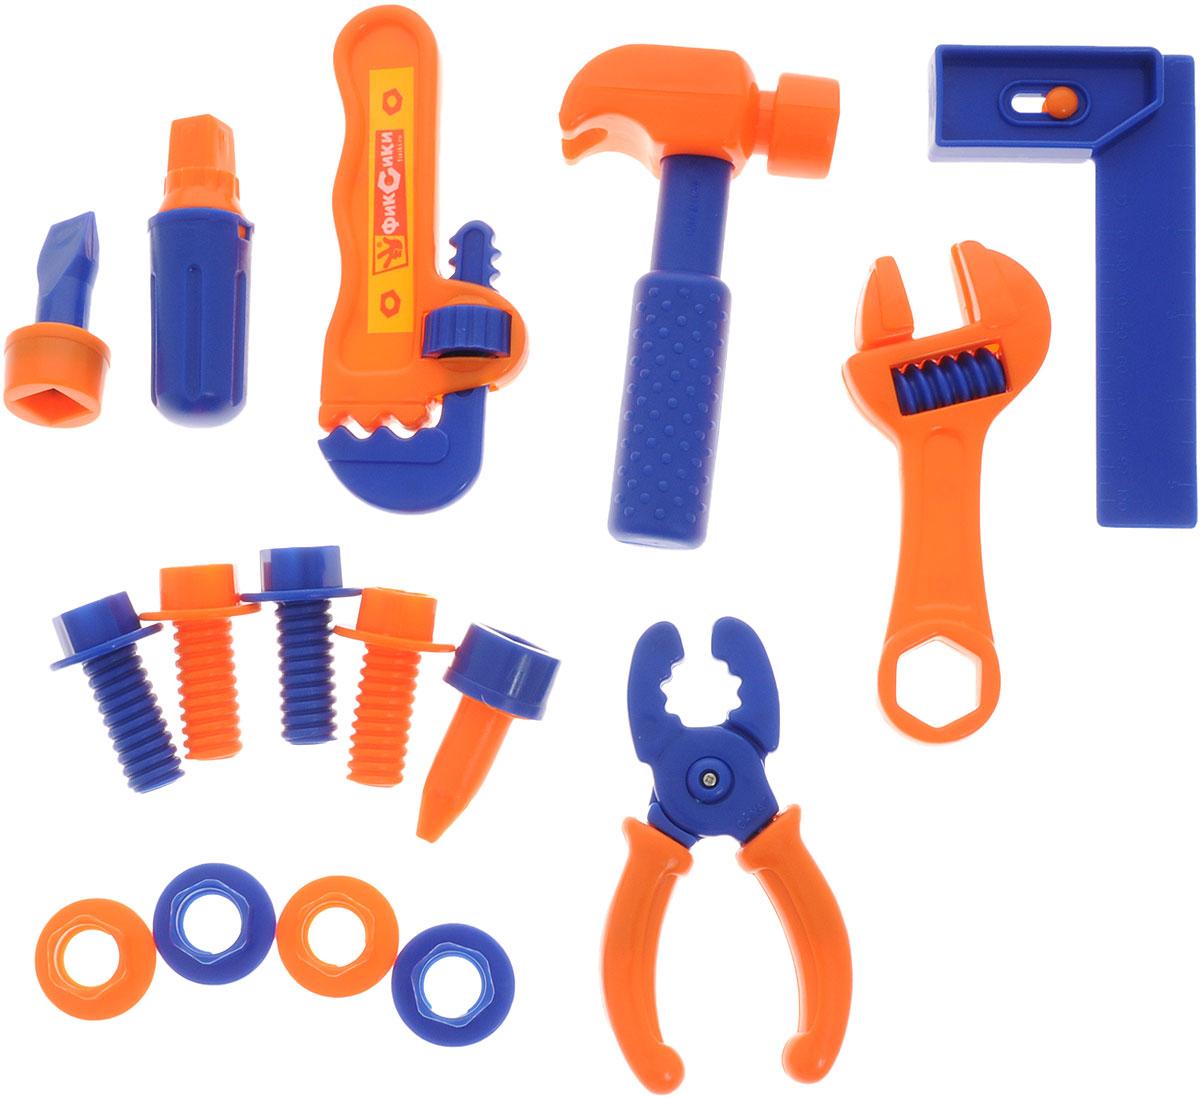 Играем вместе Набор инструментов Фиксики 16 предметовMT9096JTPNC-R1Набор инструментов Играем вместе Фиксики состоит из 16 предметов и станет прекрасным подарком для юного мастера. С помощью такого набора ребенок научится забивать гвозди, закручивать гайки и многое другое. Все инструменты отлично детализированы и выглядят совсем как настоящие. Набор инструментов поможет с ранних лет приучить ребенка к работе с инструментом и поспособствует воспитанию в нем настоящего мужчины в будущем. УВАЖАЕМЫЕ КЛИЕНТЫ! Товар поставляется в цветовом ассортименте. Некоторые детали могут отличаться по цвету от товара, изображенного на фотографии. Поставка осуществляется в зависимости от наличия на складе.